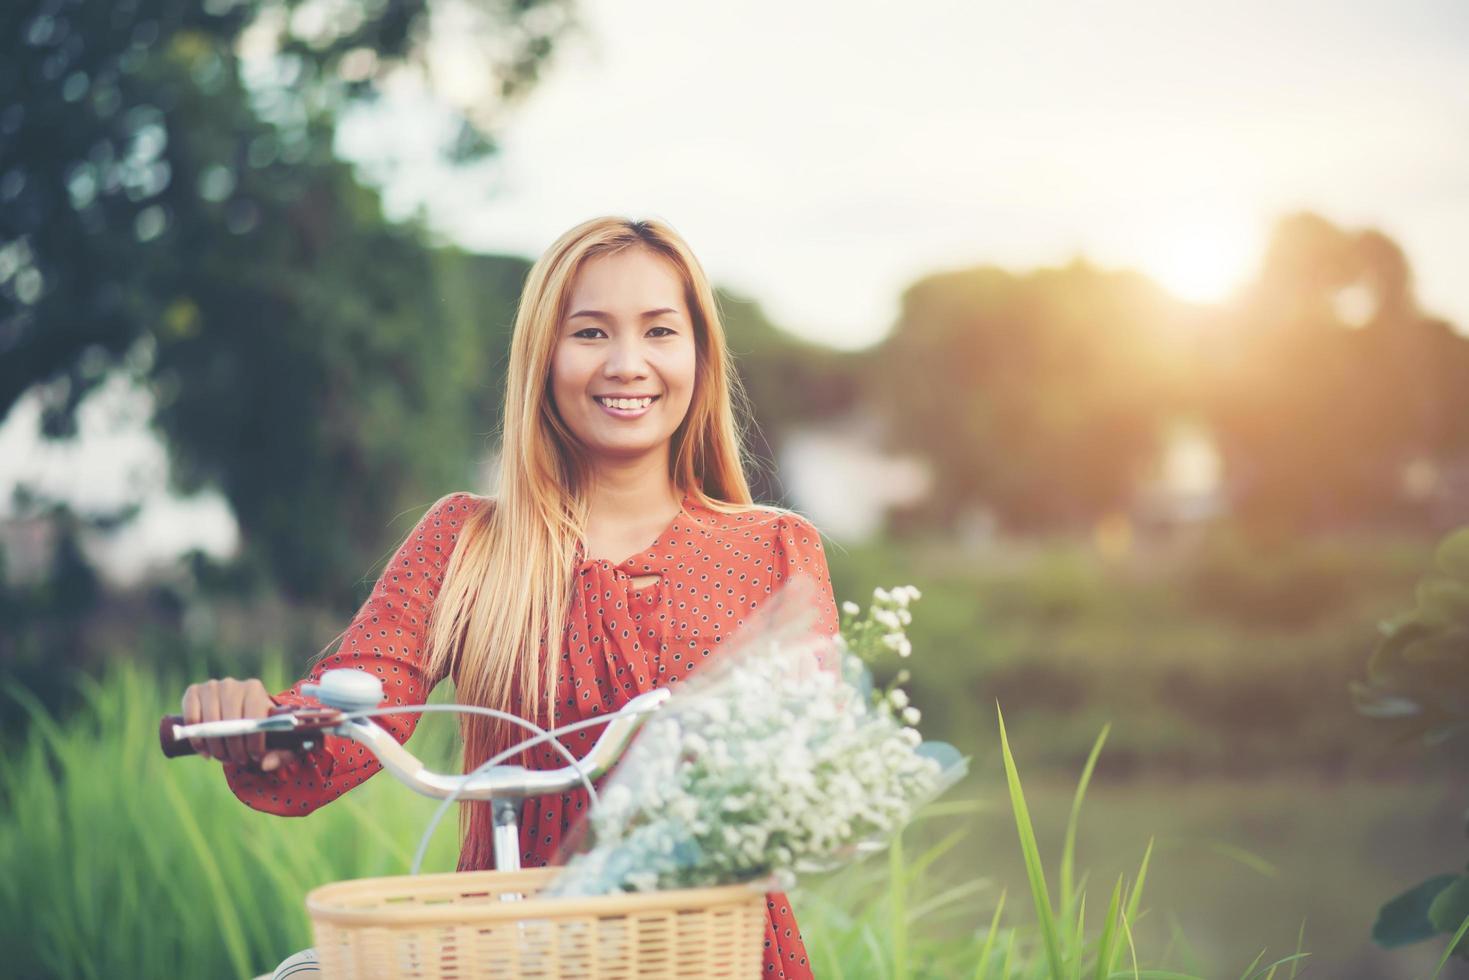 jonge Aziatische vrouw fietsen in een park foto